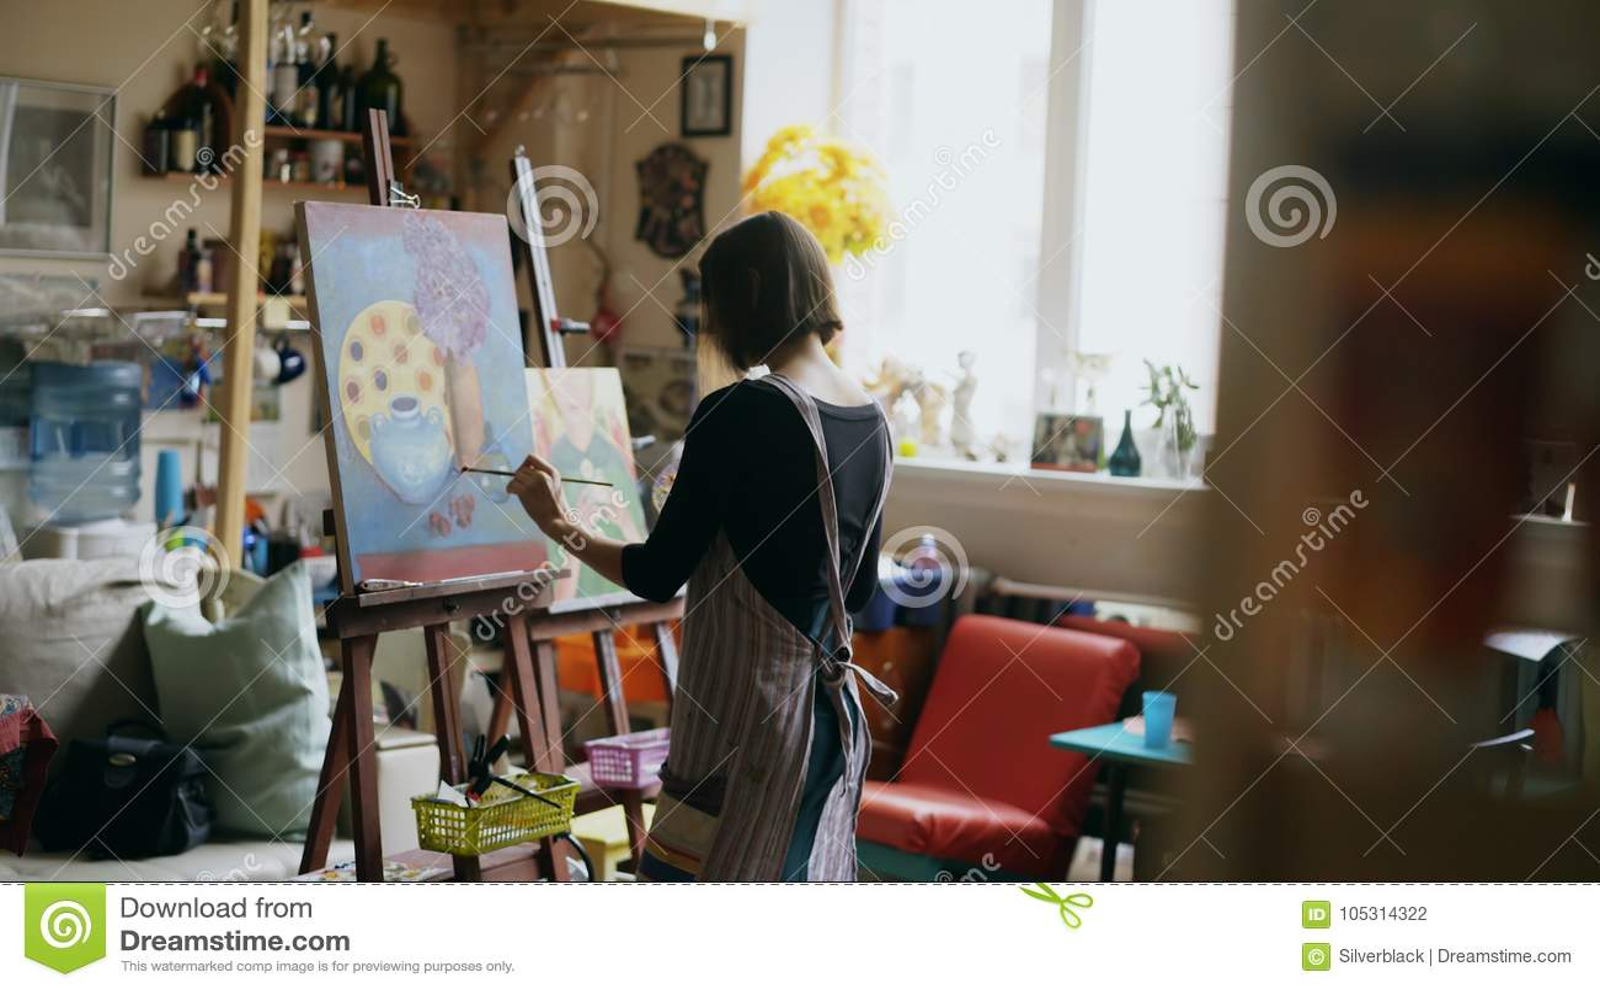 Bakre sikt av den unga målareflickan i bild för förklädemålningstilleben på kanfas i konst-grupp